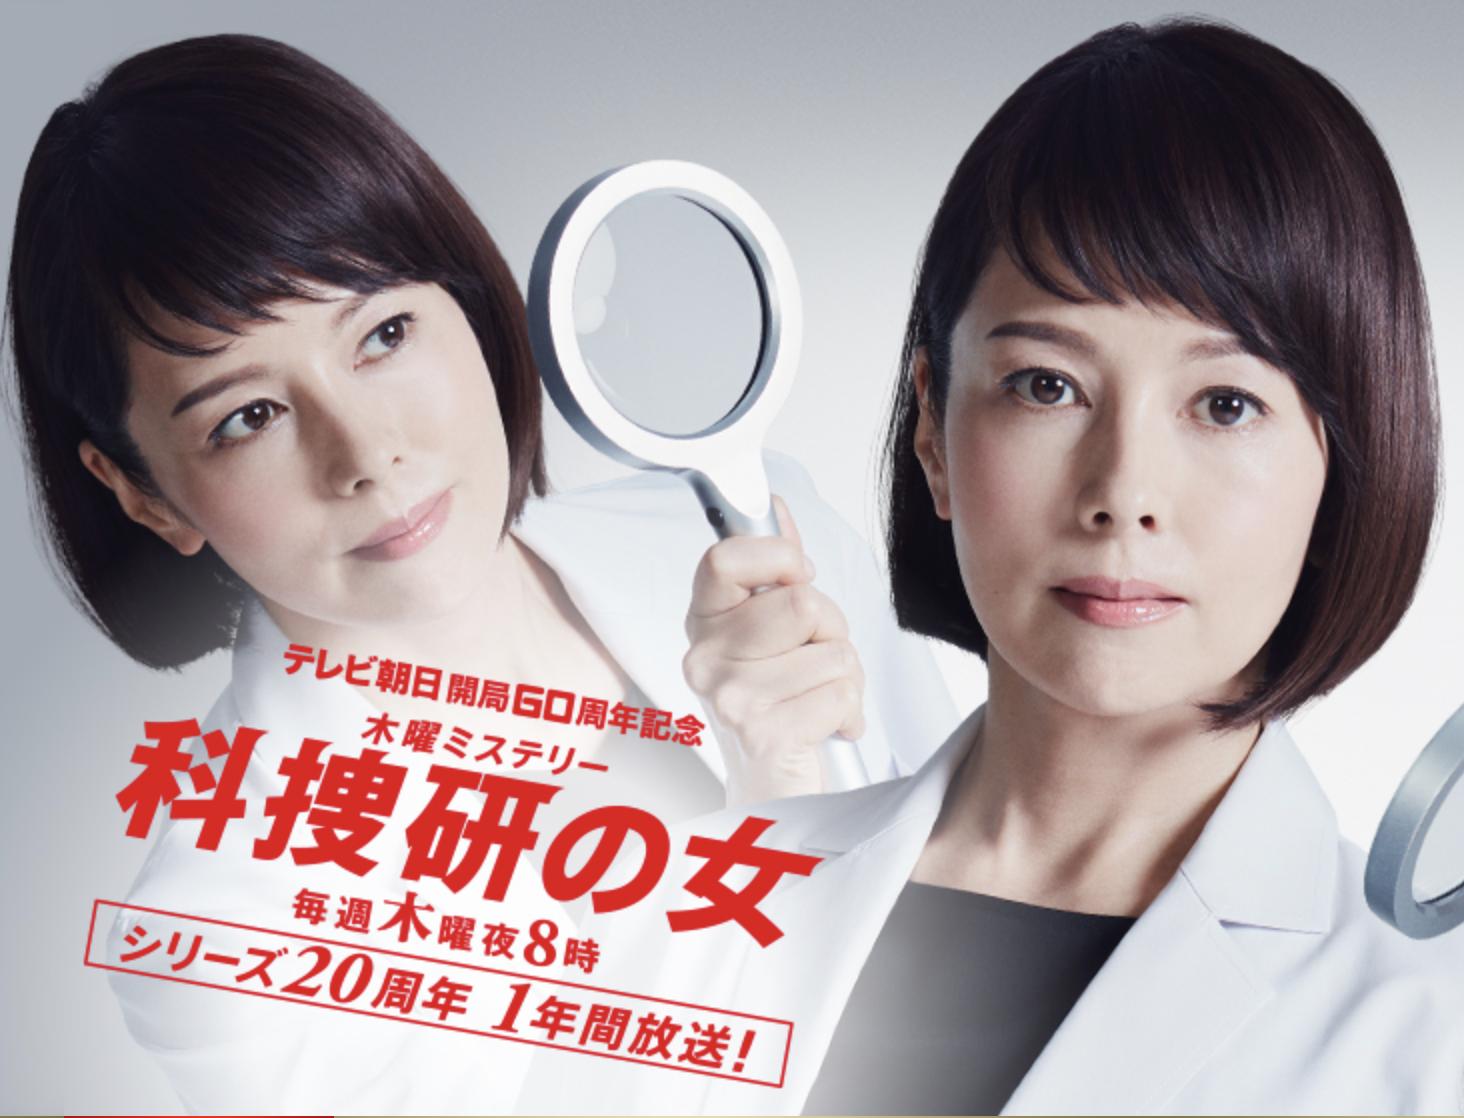 実はフェミドラマ? 京都府警科学捜査研究所、榊マリコに私もなりたい。